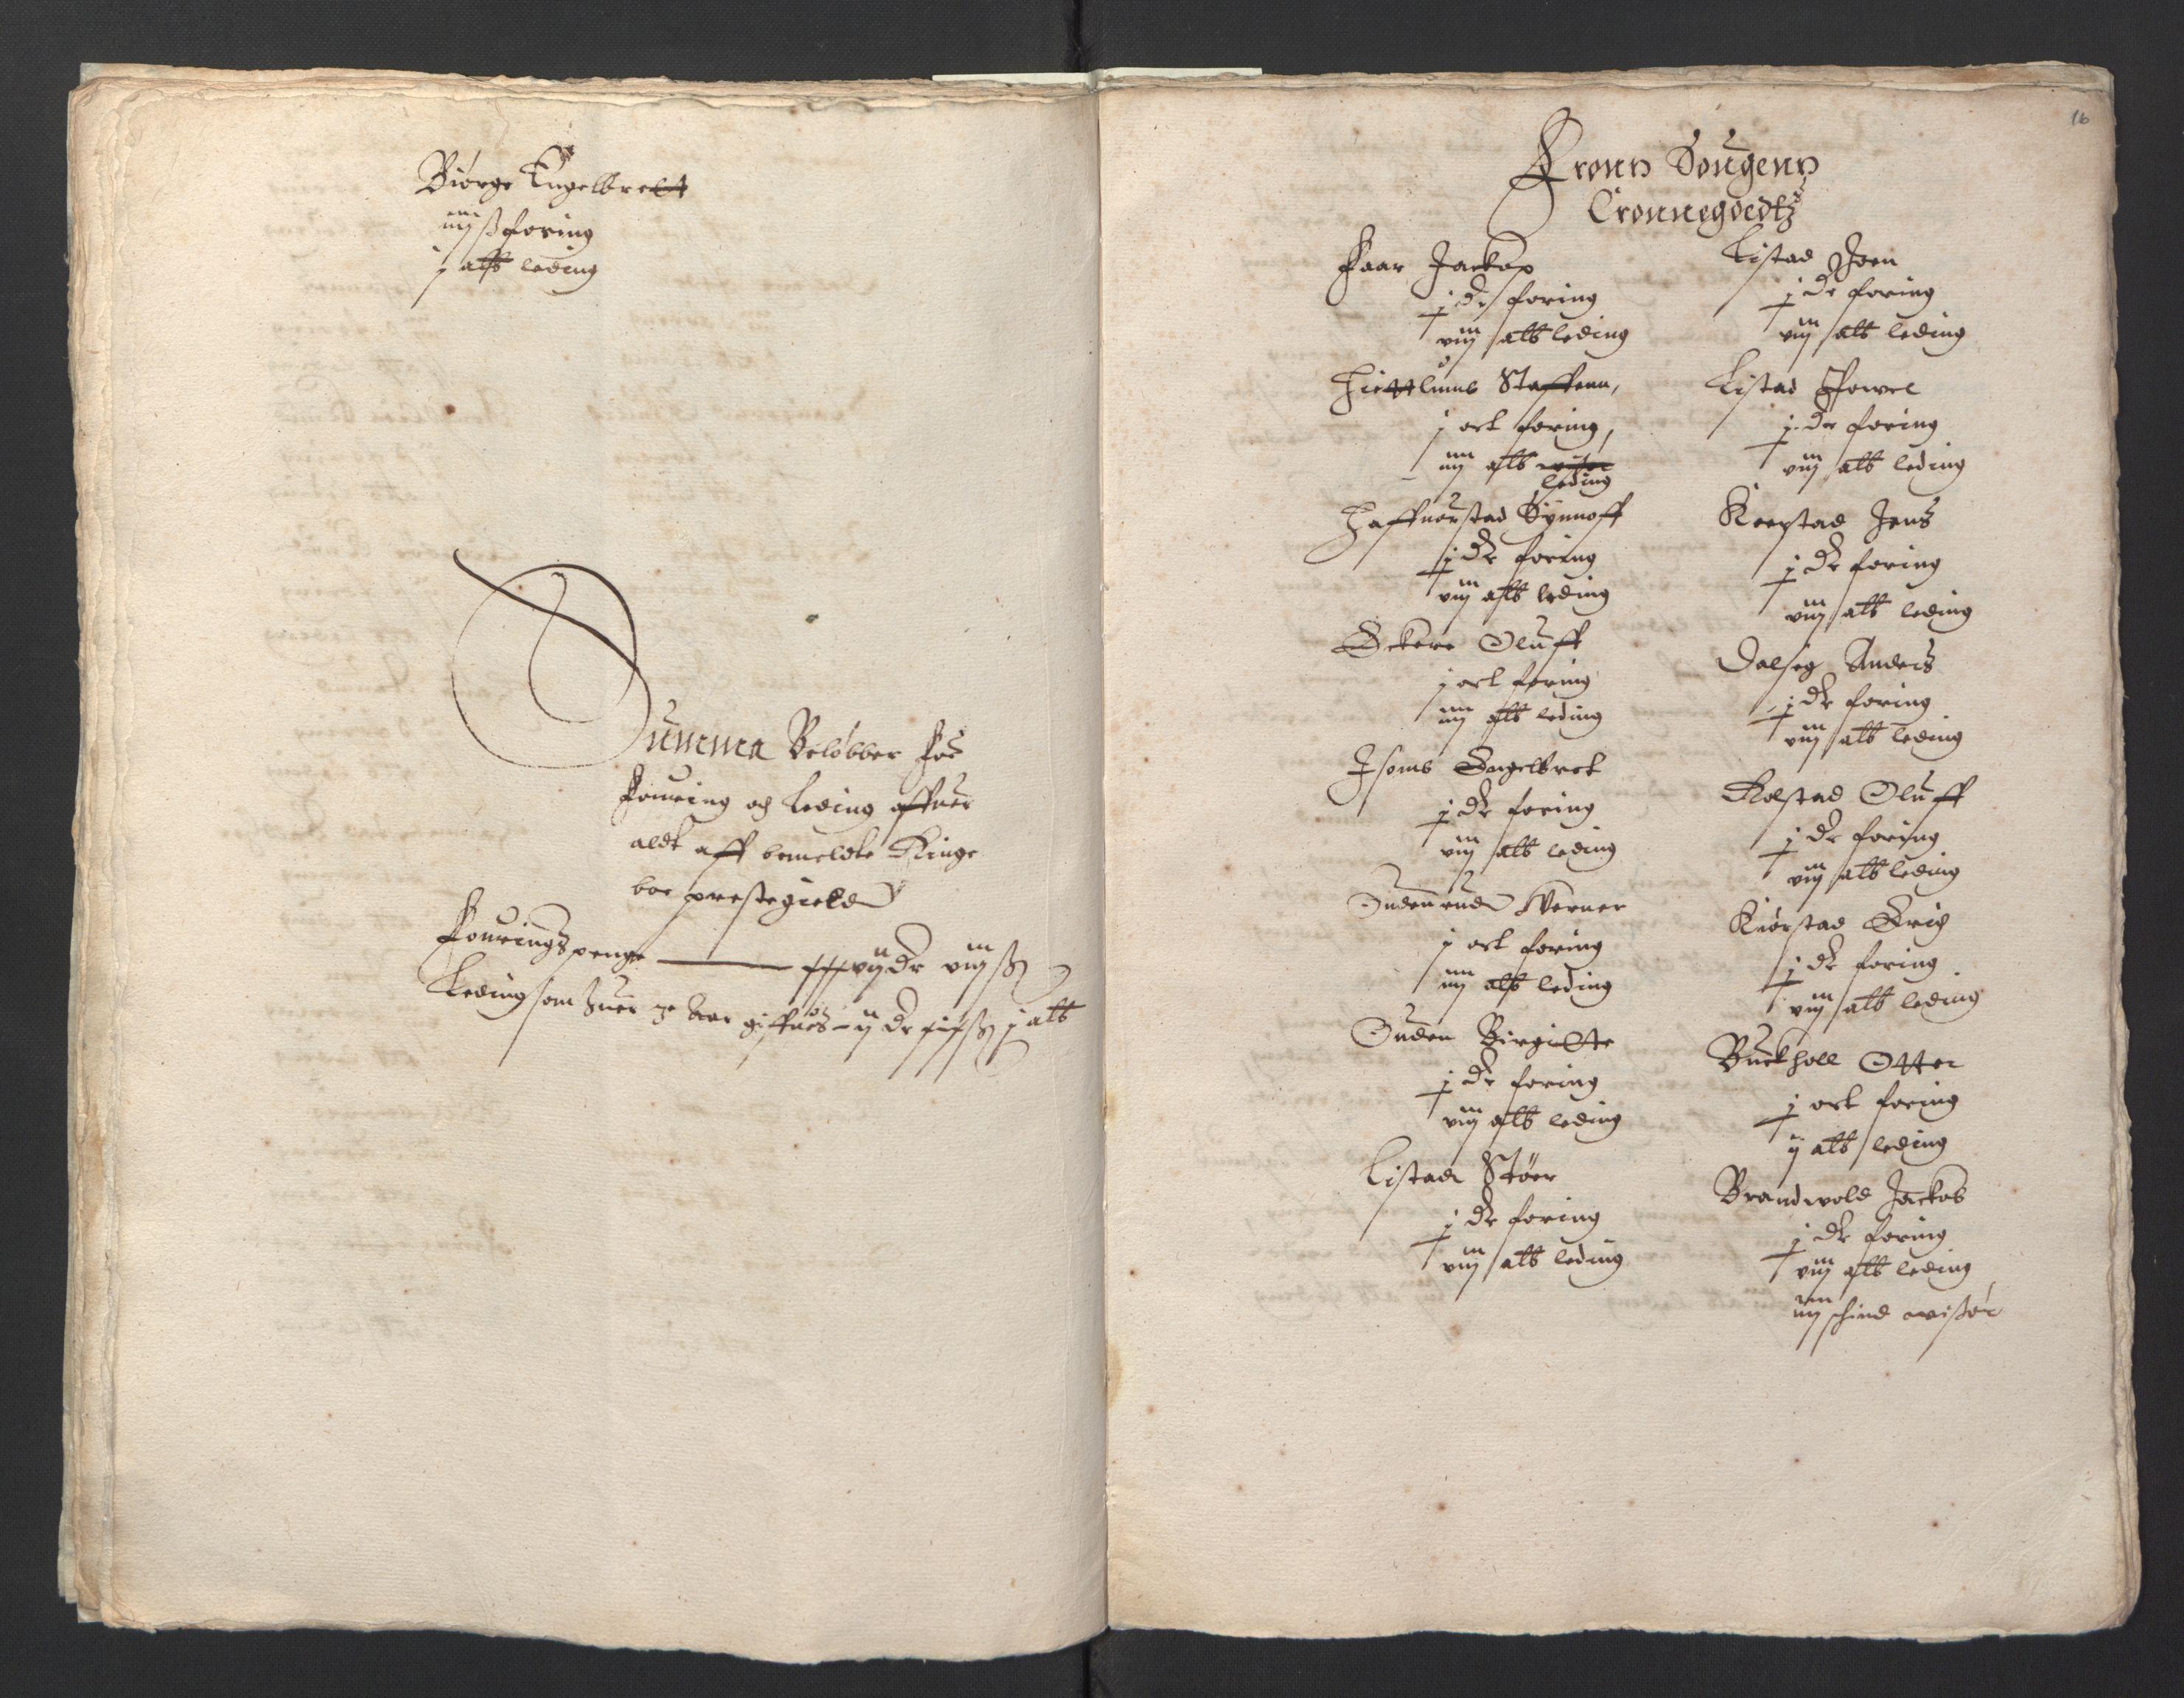 RA, Stattholderembetet 1572-1771, Ek/L0001: Jordebøker før 1624 og til utligning av garnisonsskatt 1624-1626:, 1624-1625, s. 18